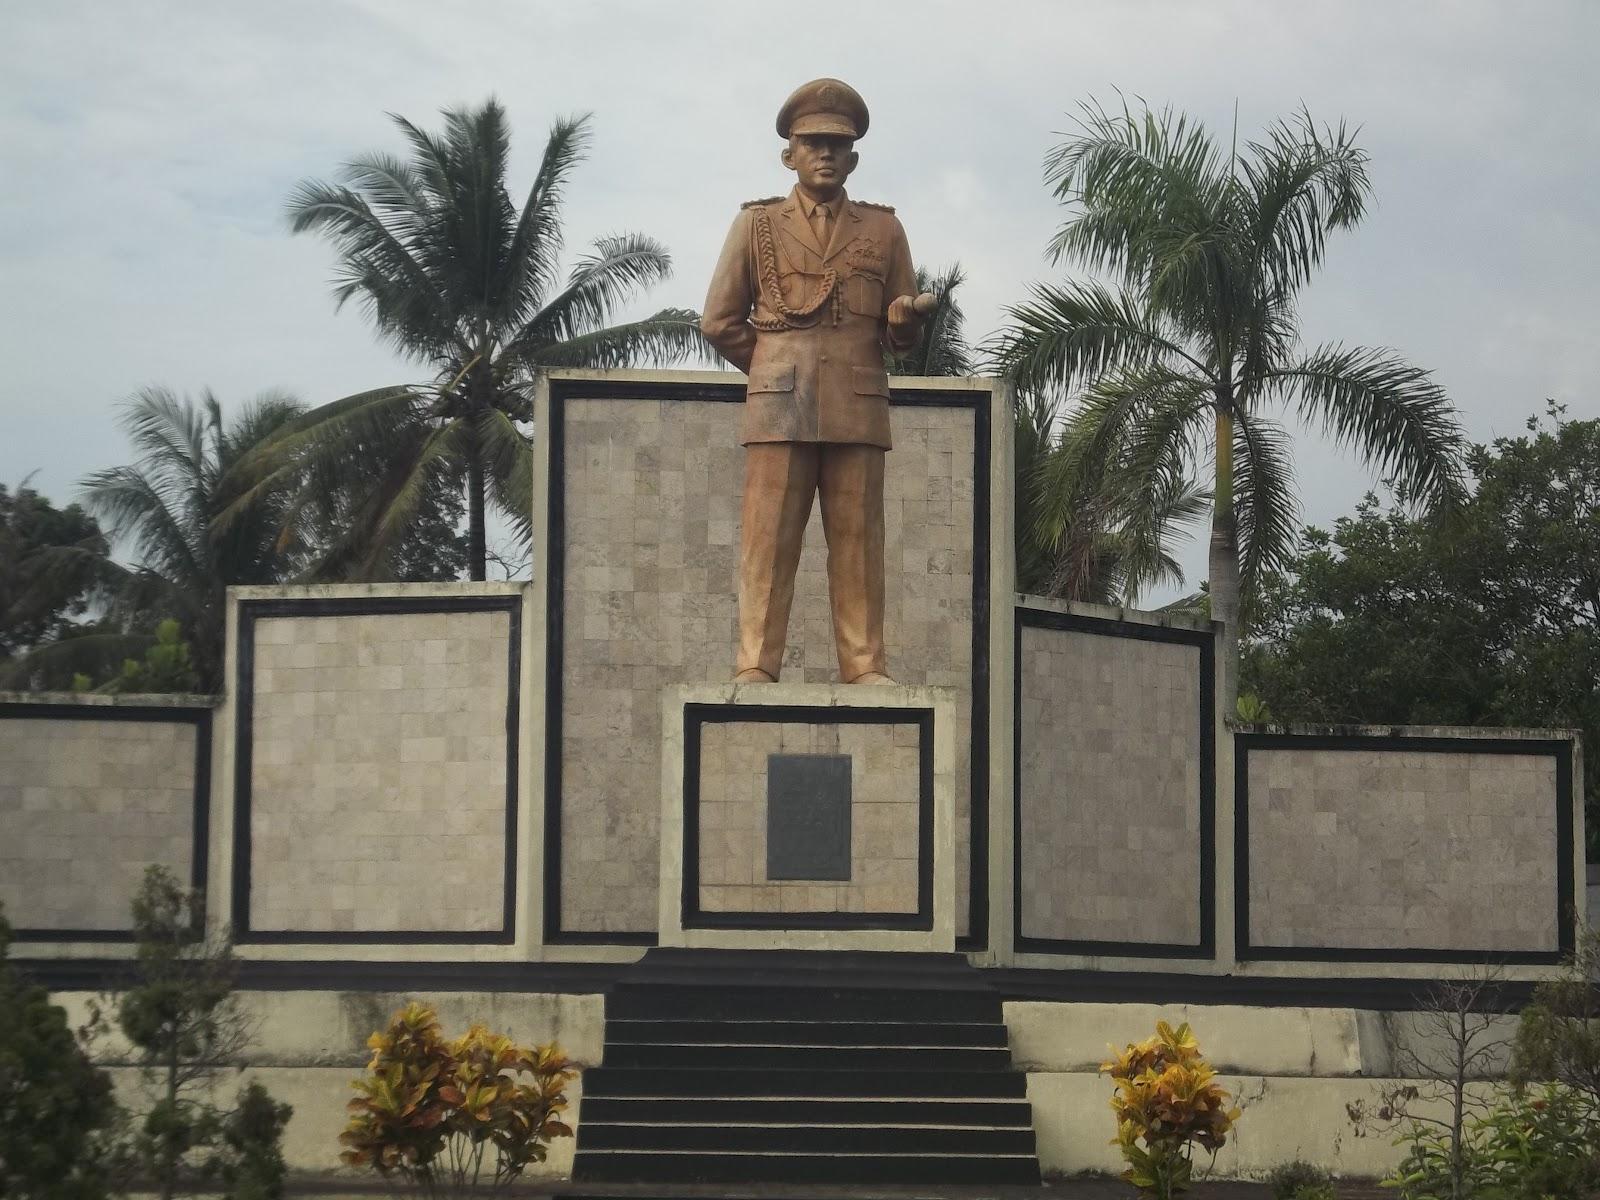 Gambar Monumen Sumpah Pemuda Daftar Monumen Di Indonesia Lengkap Porosilmu Com